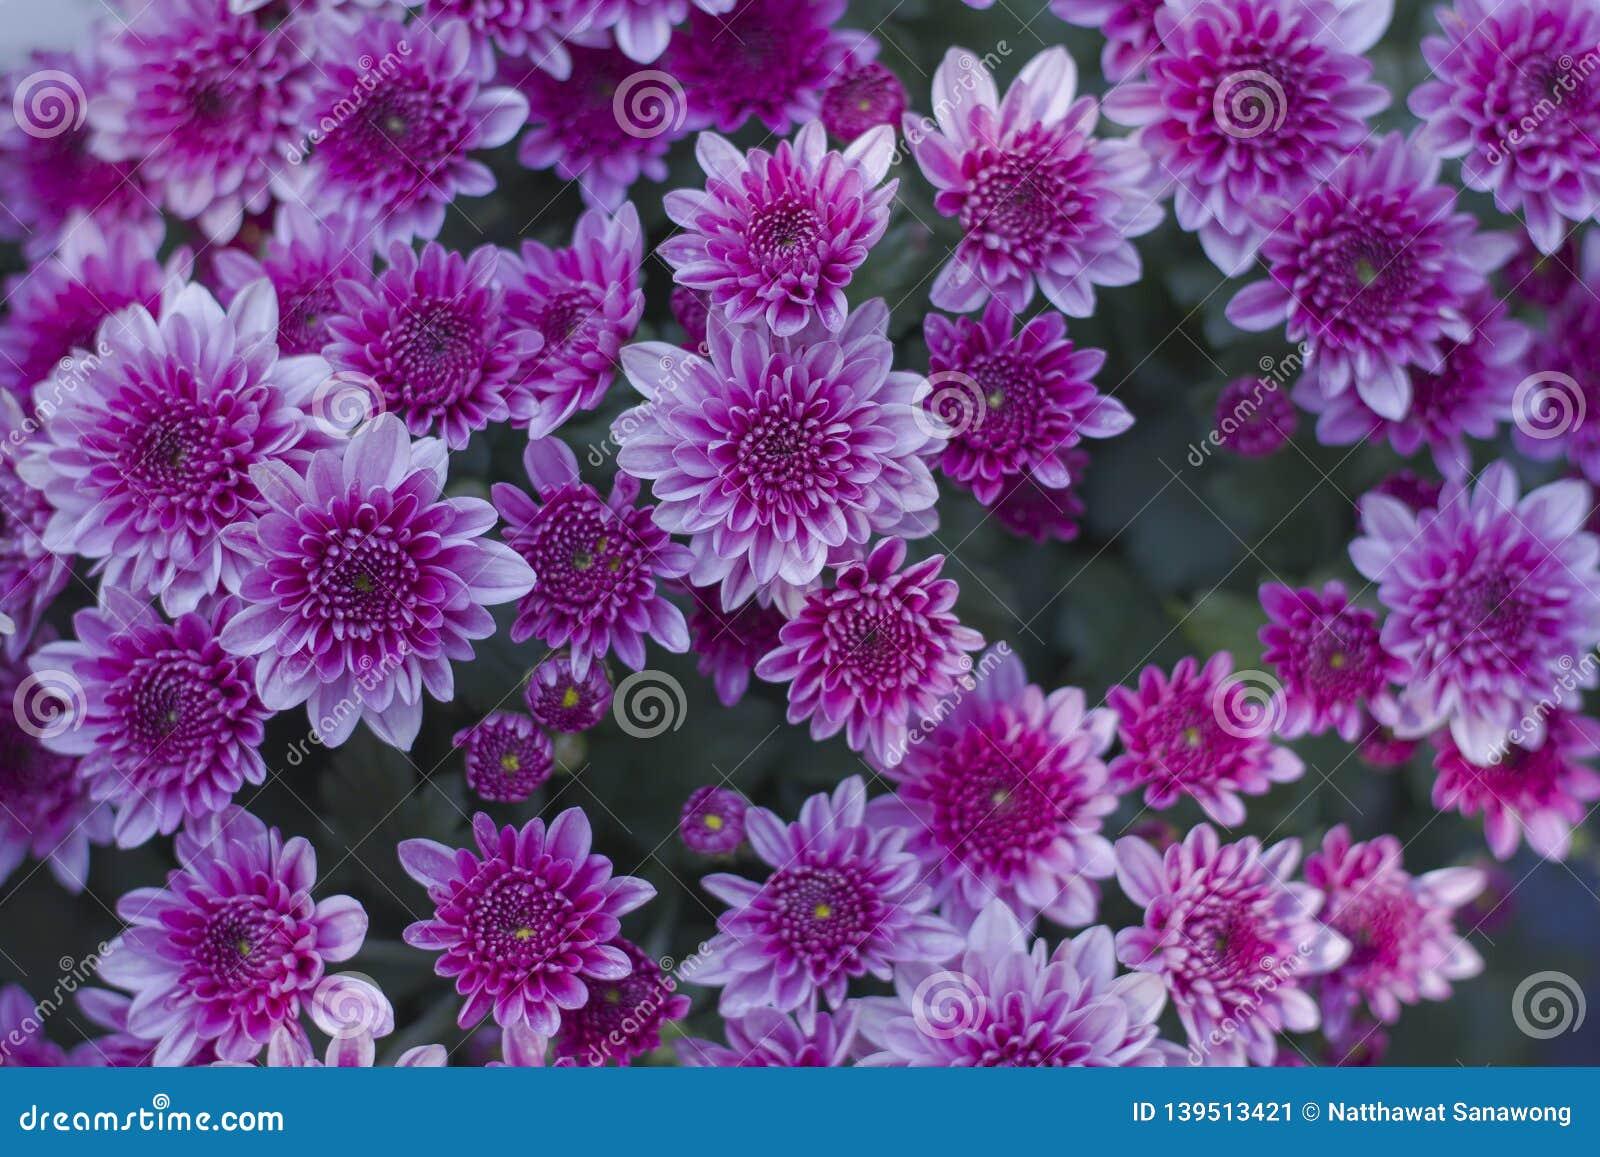 菊花有美丽的桃红色和白色飞翅 用居家和庭院装饰的花